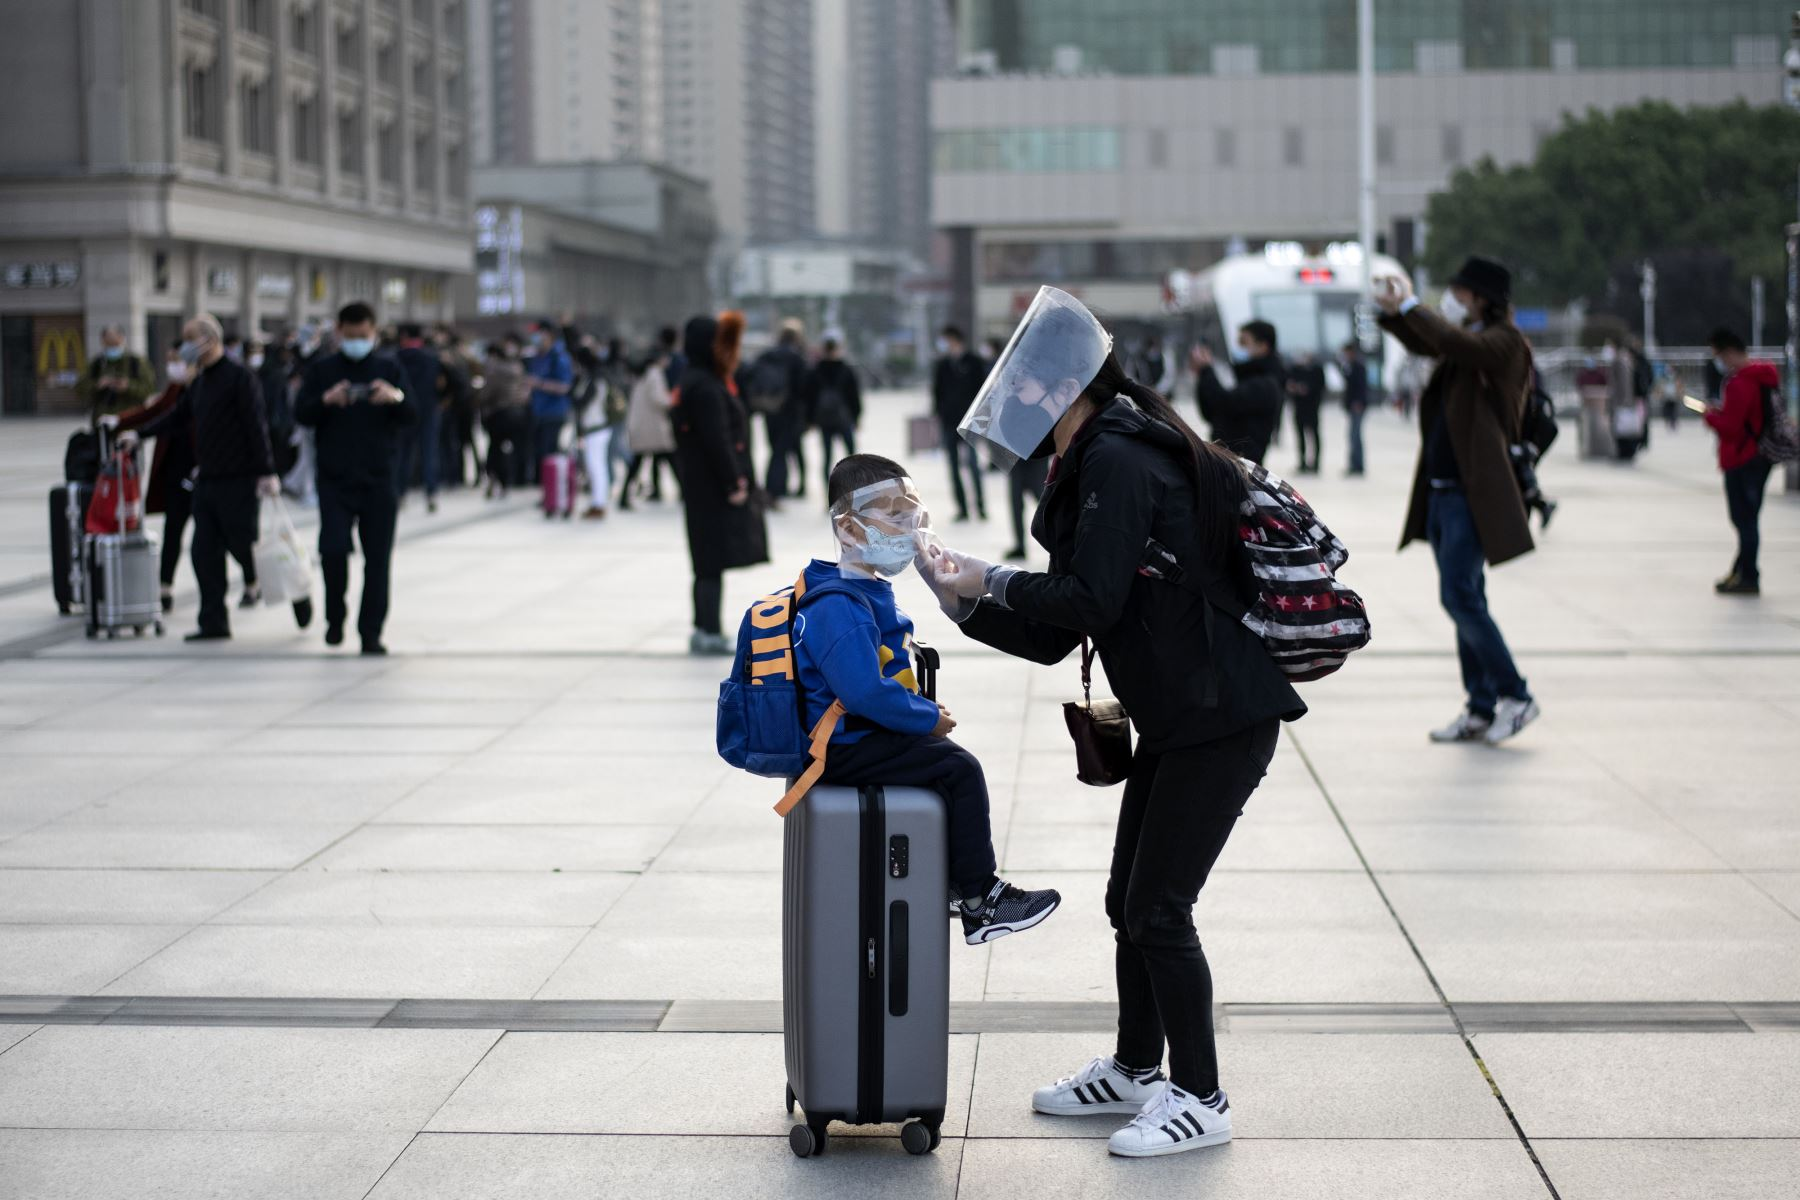 Una mujer con una máscara facial ajusta la máscara de su hijo cuando llegan a la estación de tren de Hankou en Wuhan para tomar uno de los primeros trenes que salen de la ciudad. Foto: AFP